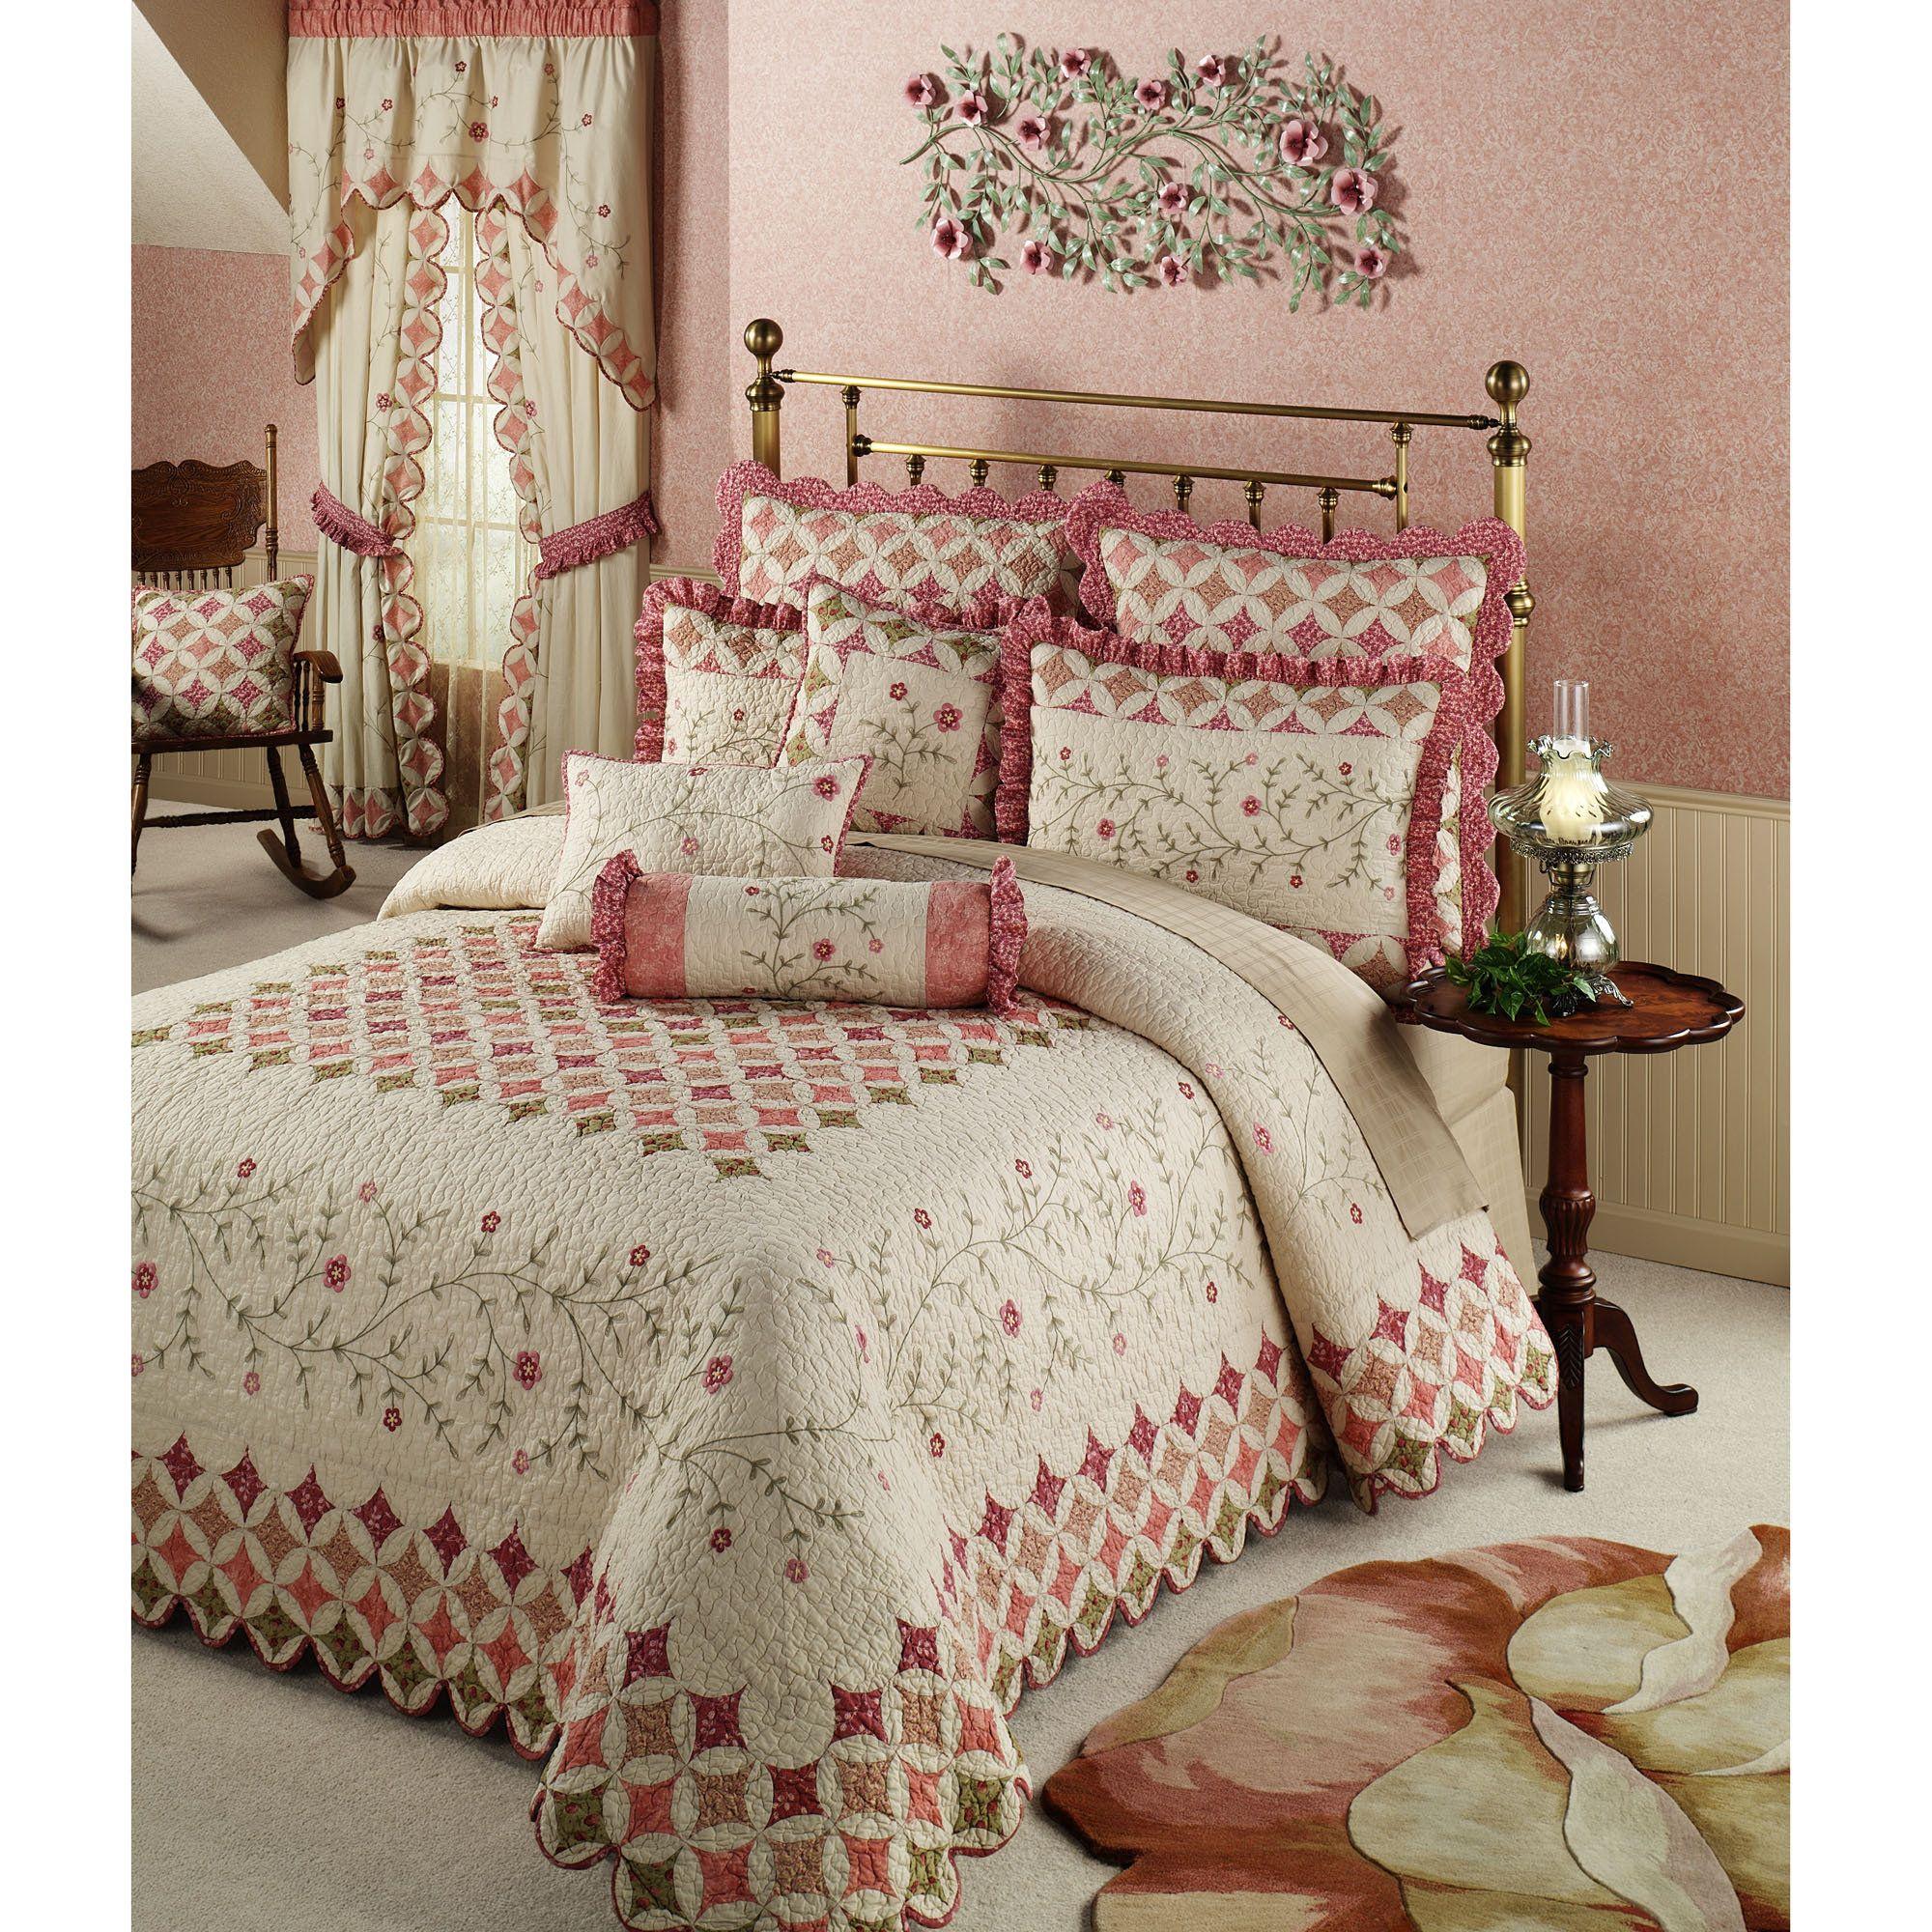 Coras Cathedral Garden Grande Bedspread Bedding